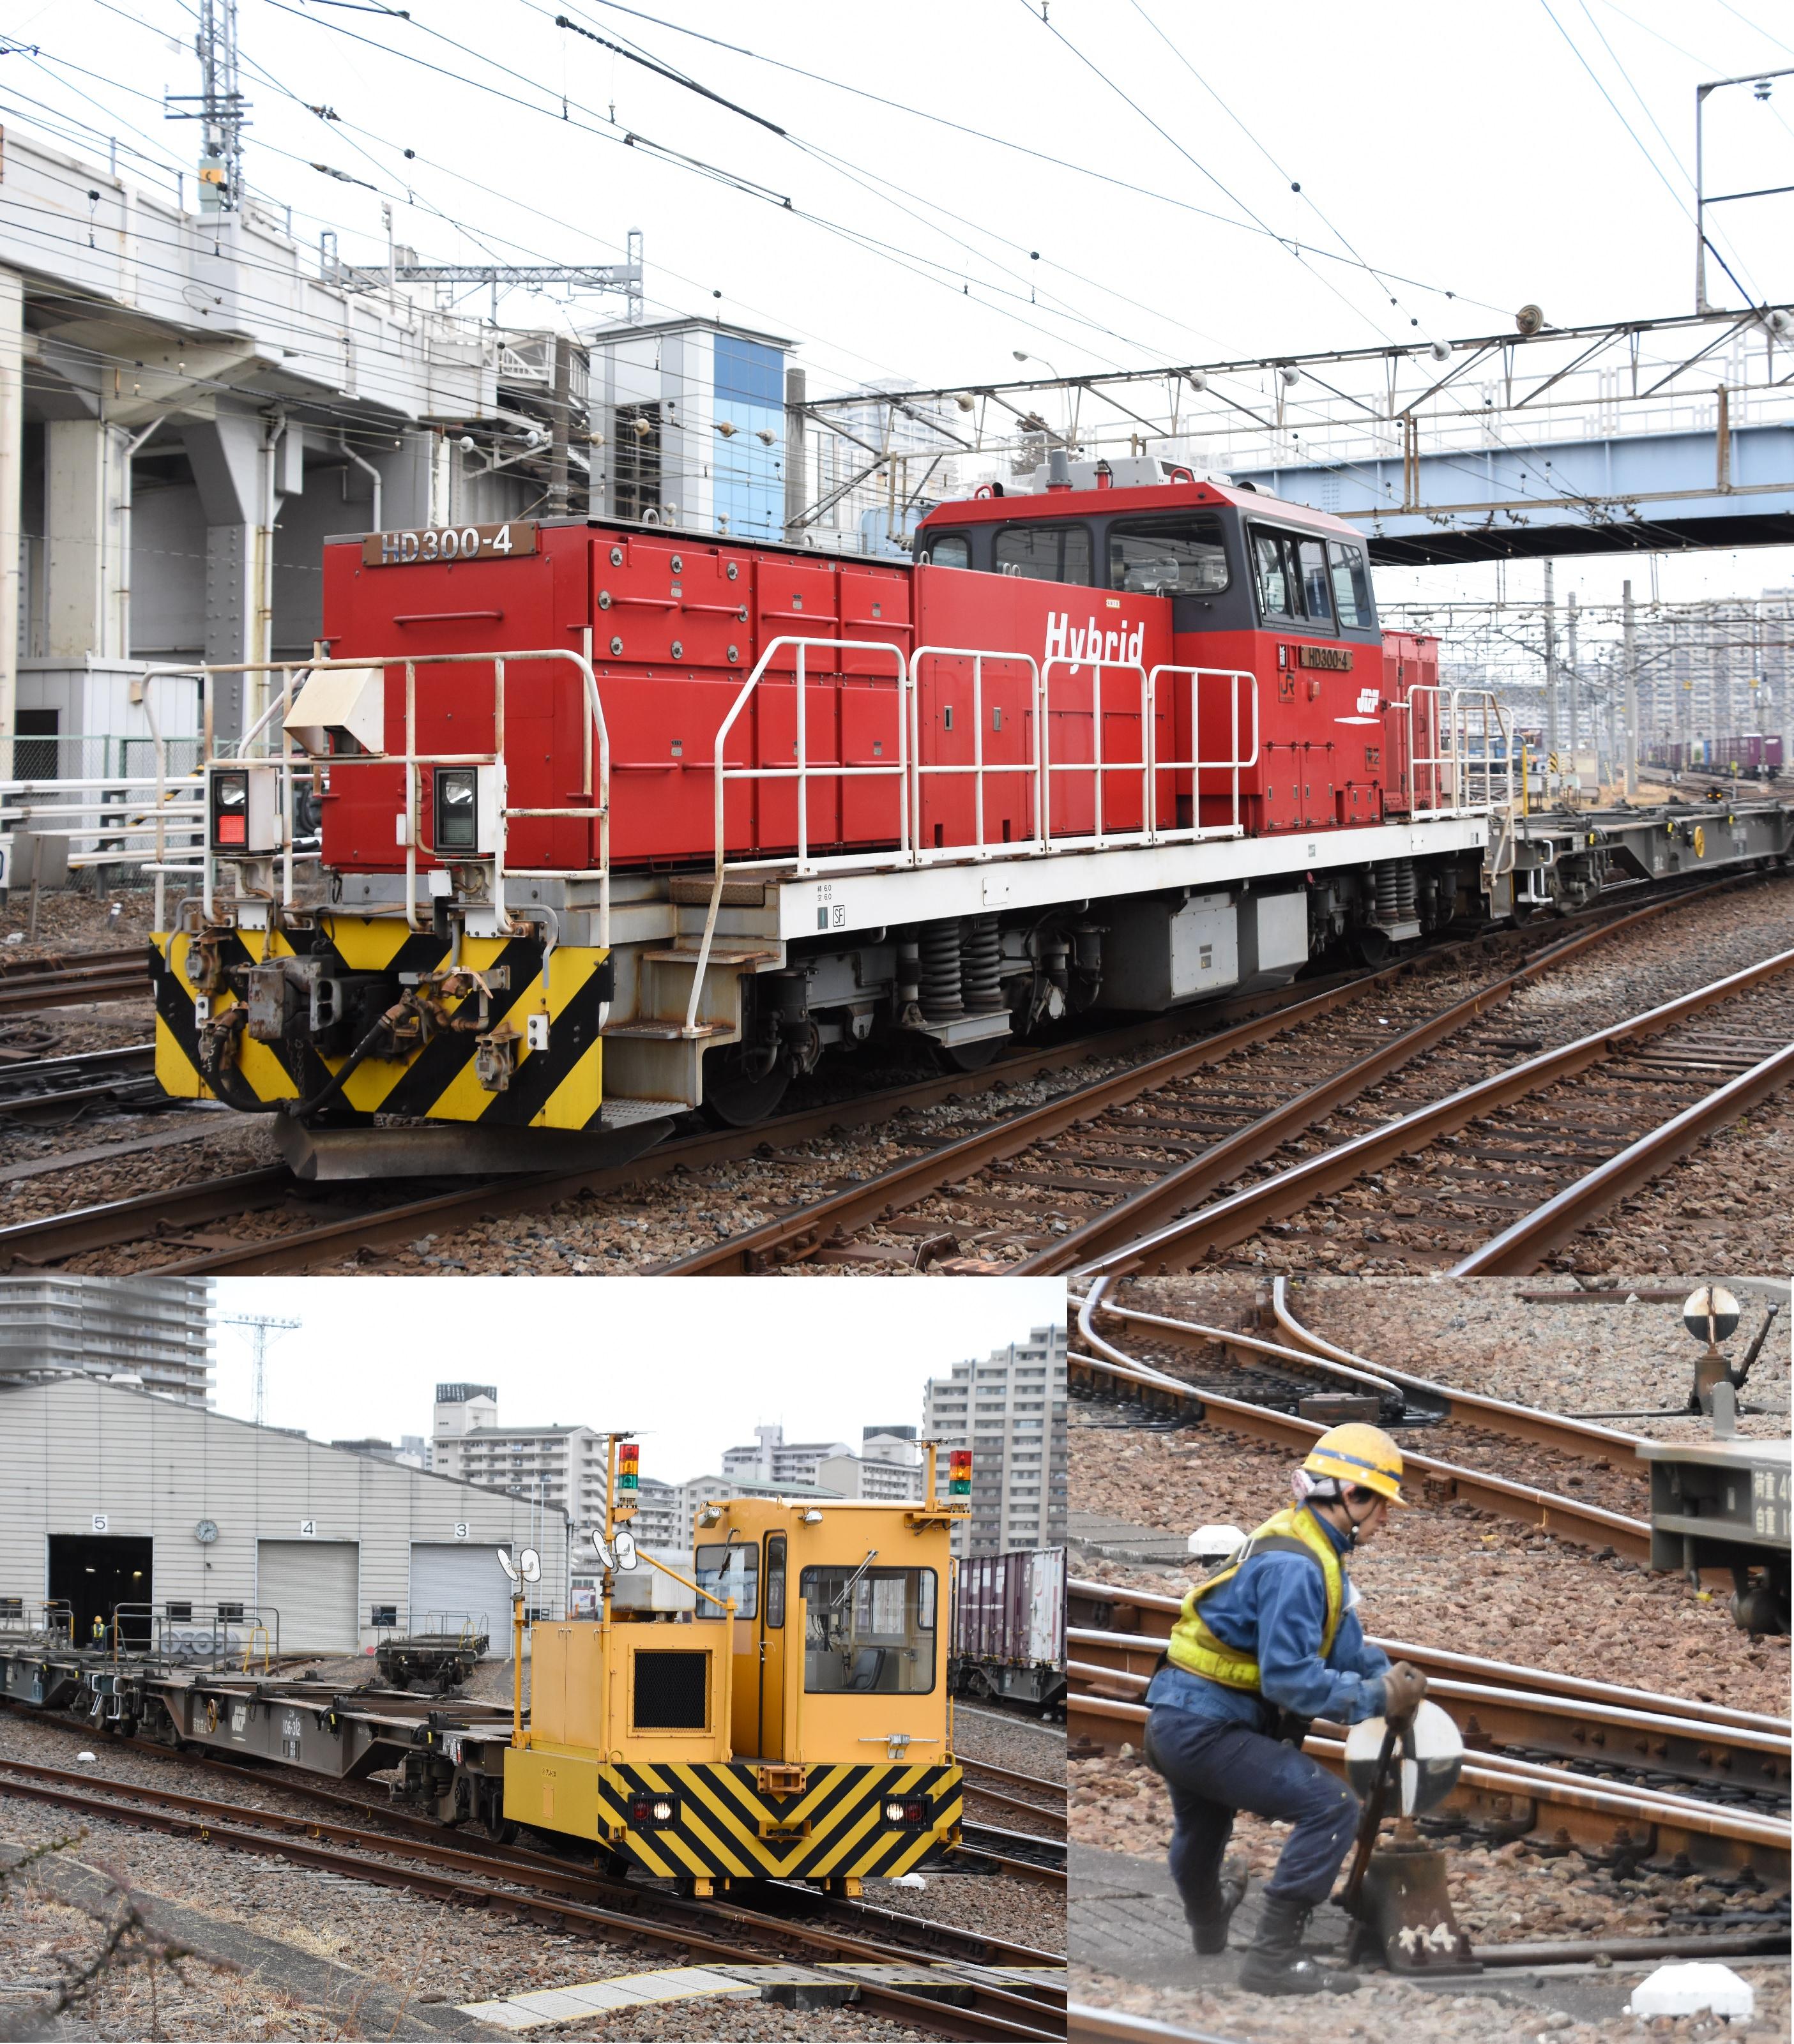 隅田川駅で活躍するハイブリッド機関車のHD300形(上)、リモコンで動く無人機(左下)、ポイント切り換え作業(右下)